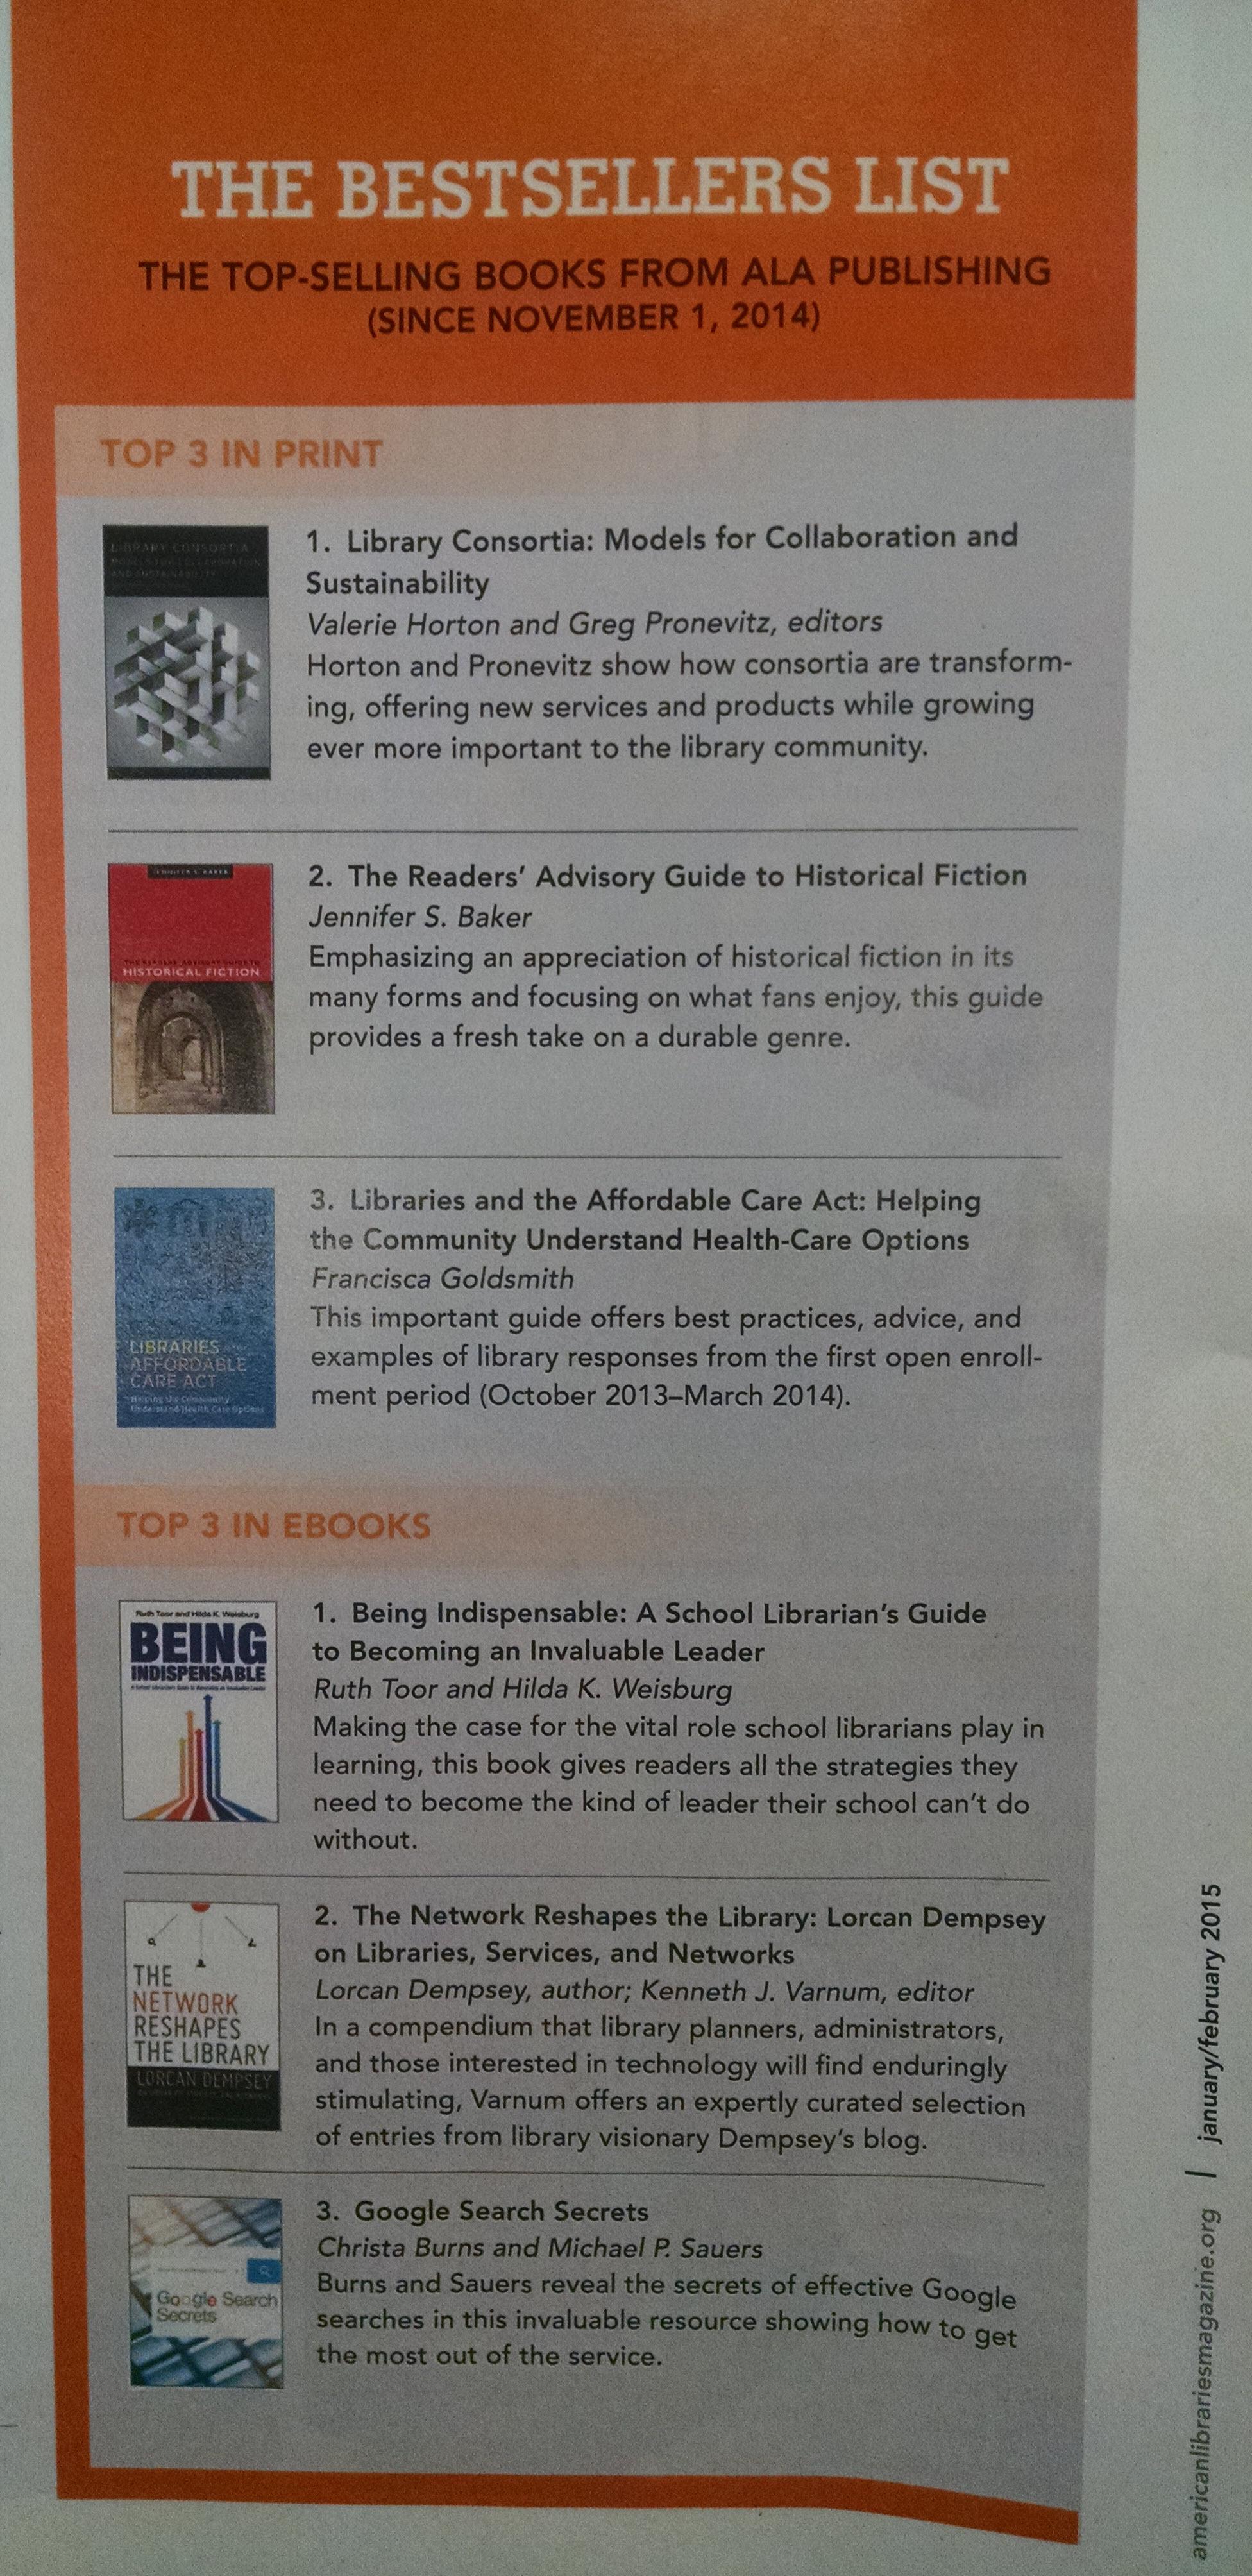 #3 ALA eBook bestseller Jan-Feb 2015